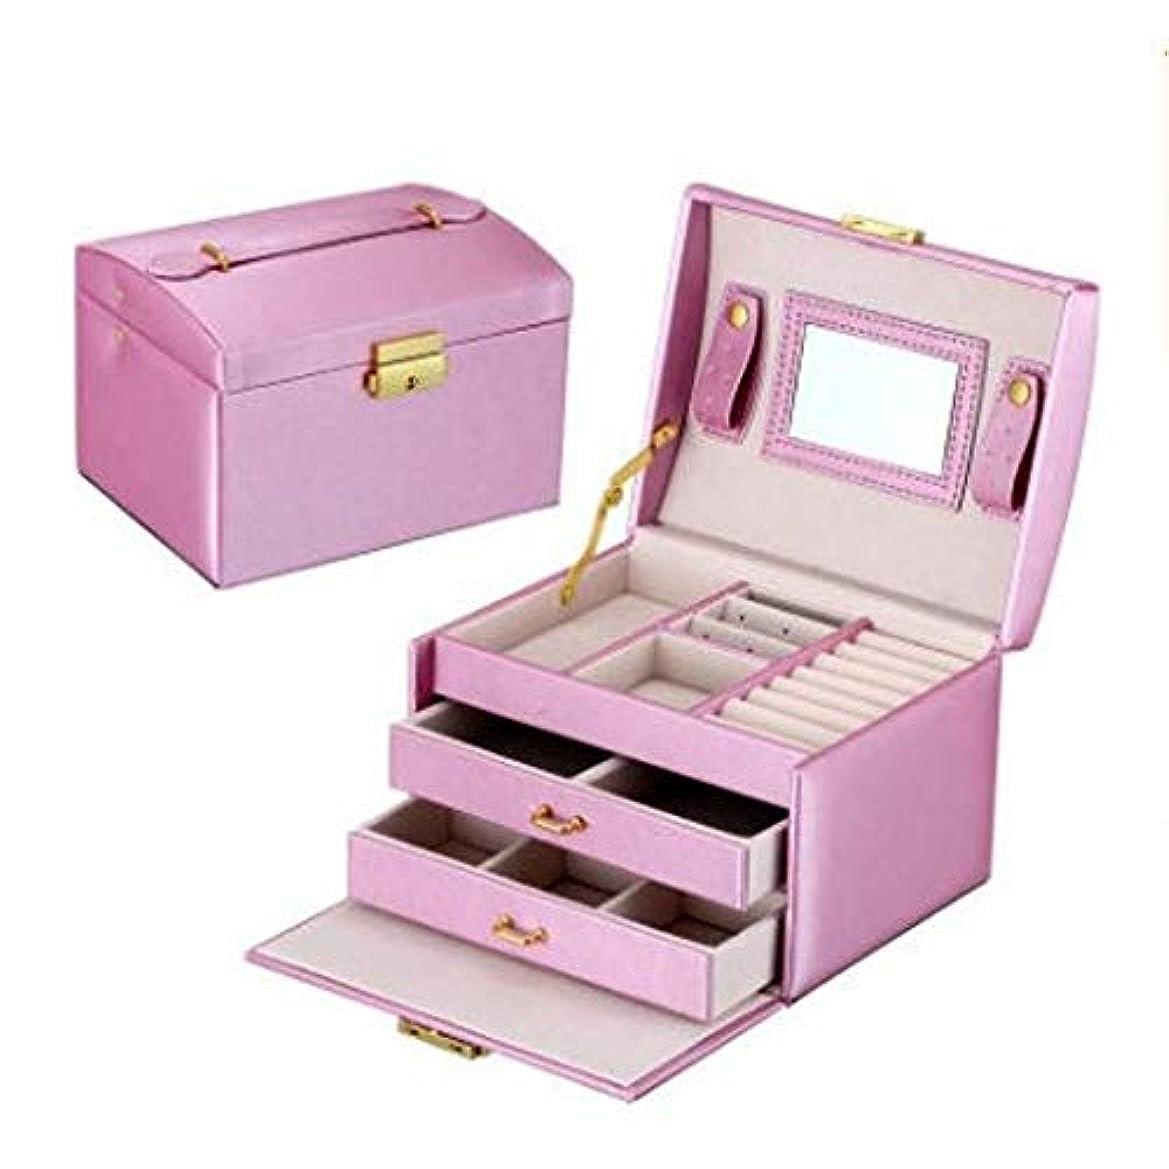 入手します学校教育苦悩特大スペース収納ビューティーボックス 大型人工皮革トラベルジュエリーボックス収納ボックスディスプレイリングイヤリングネックレス(5色オプション) 化粧品化粧台 (色 : Purple pink)